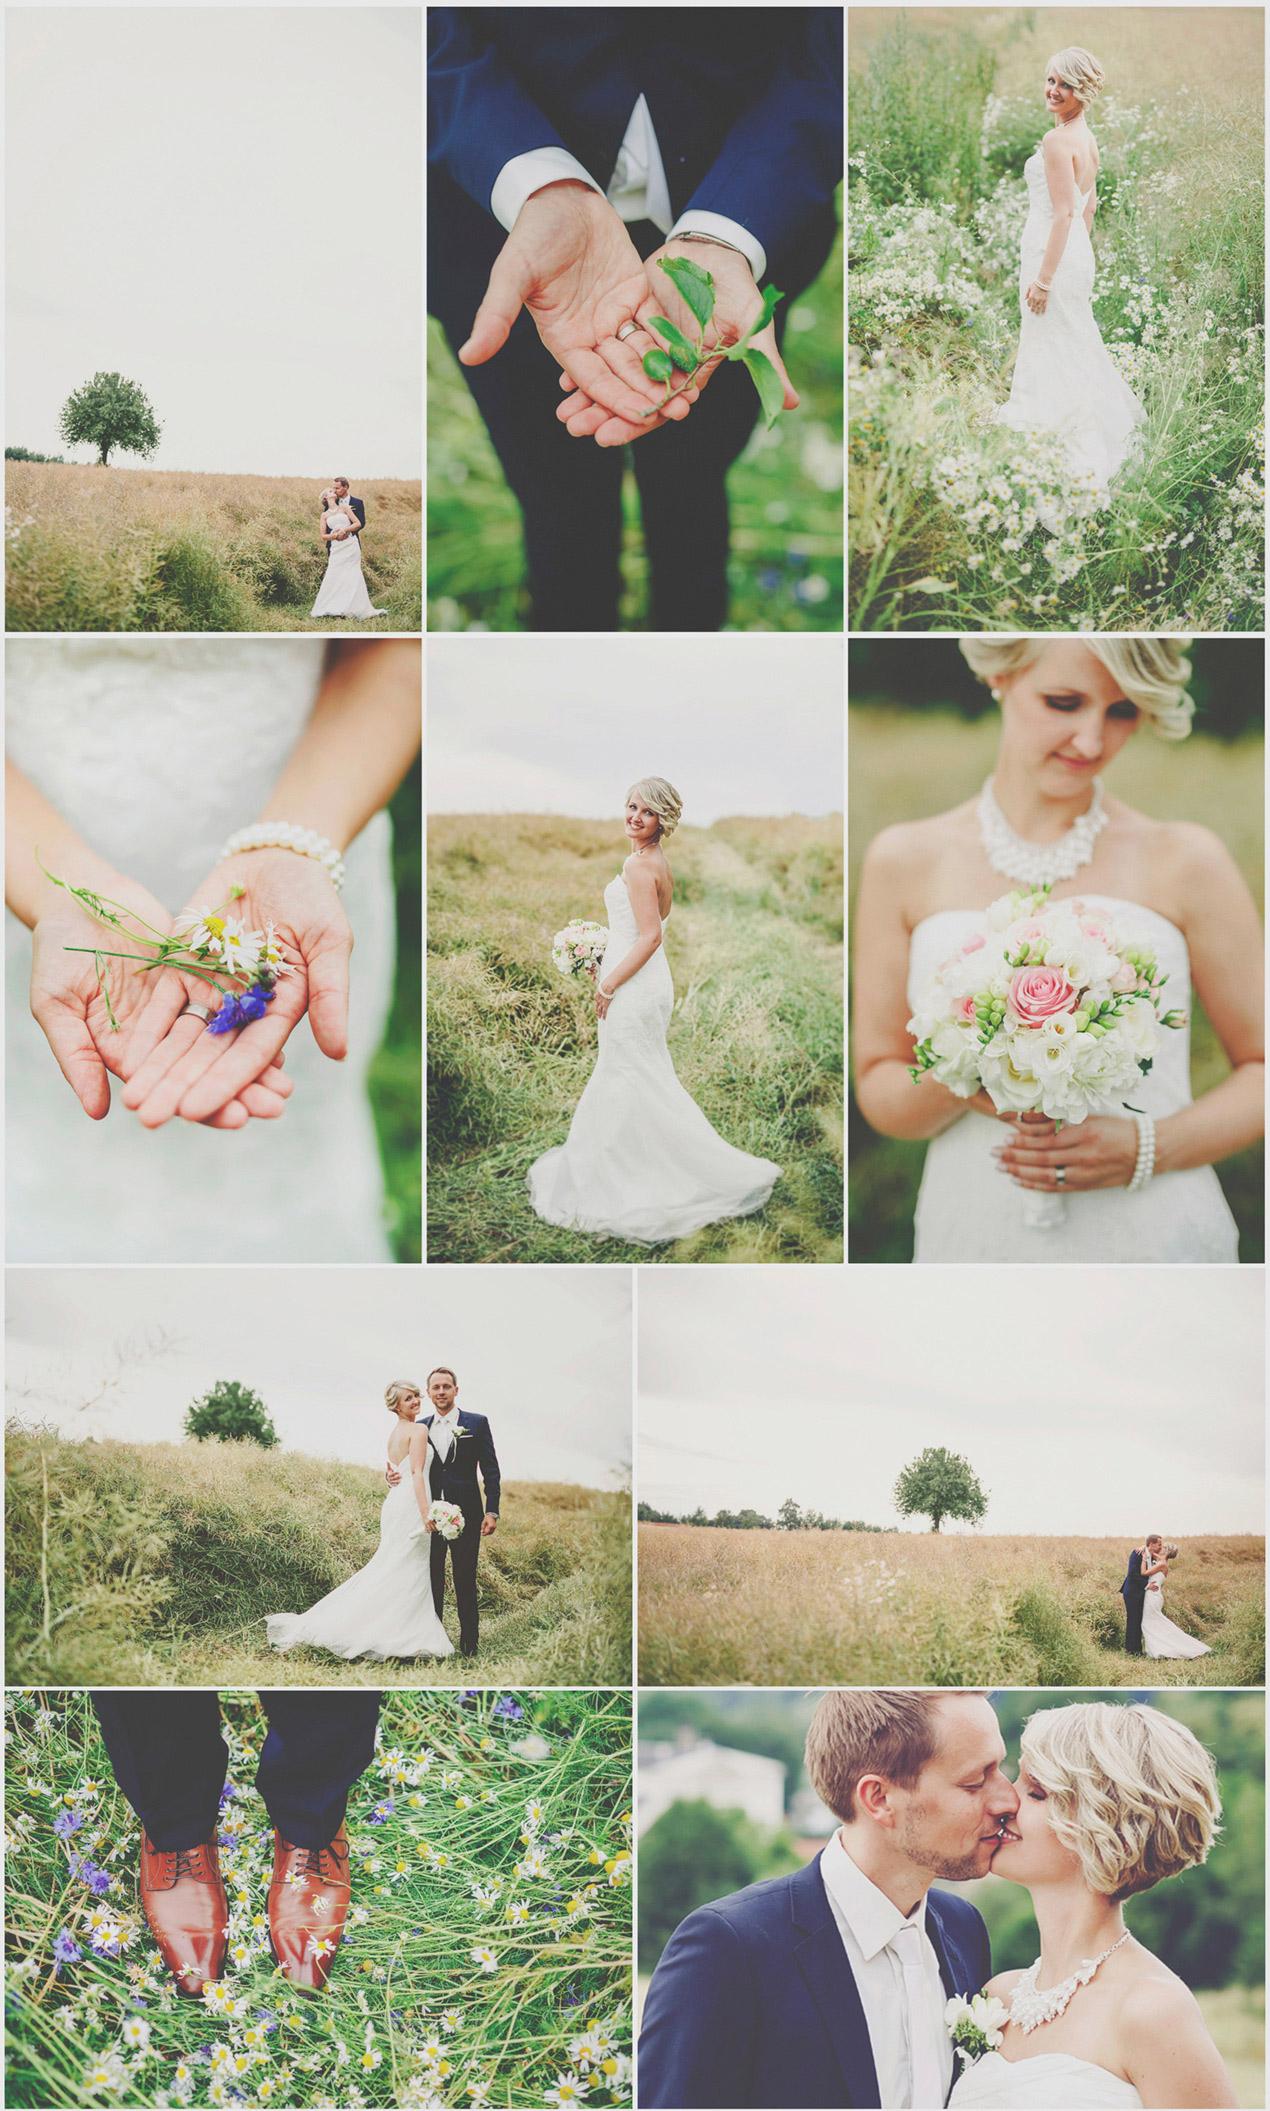 VeryLuckyStar_Pałc_Brunów_zdjęcia-ślubne_wedding-photo_Hochzeitsfotografie